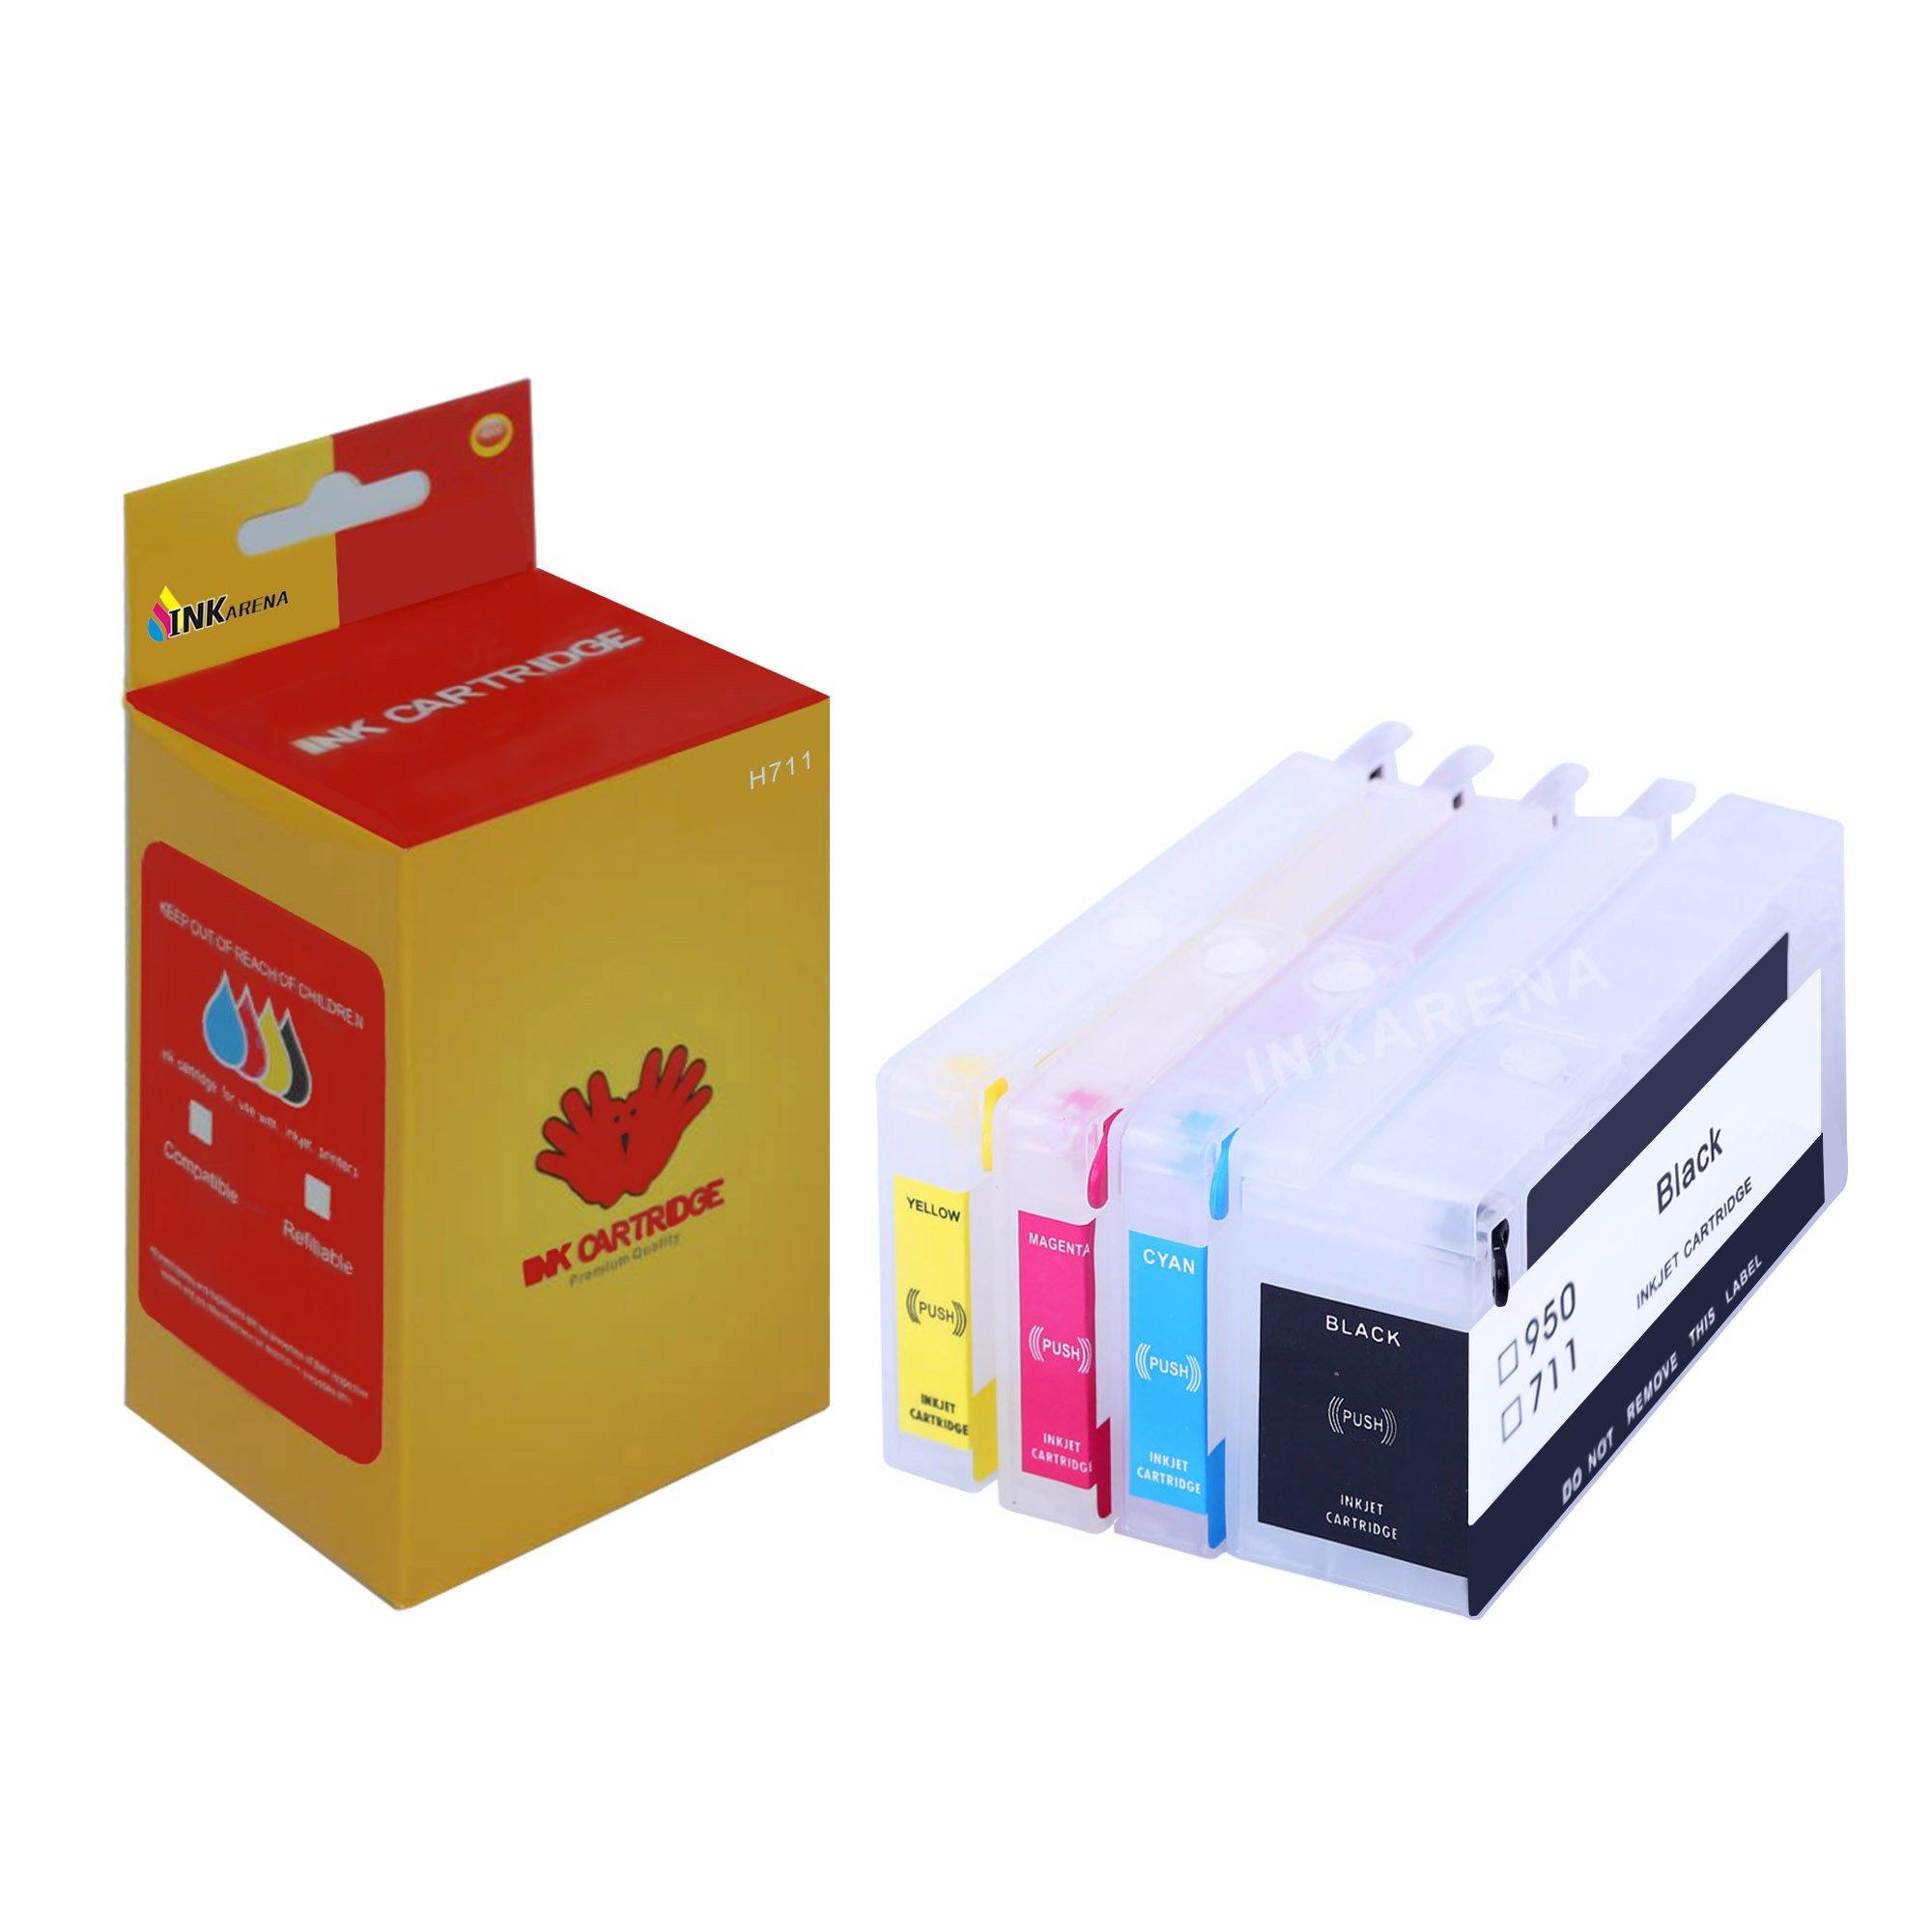 inkarena – Kit de repuesto de tinta vacíos y rellenables para HP711 puede trabajar para HP 711 XL Set de cartuchos de impresora, para HP DesignJet T120 T520: Amazon.es: Oficina y papelería